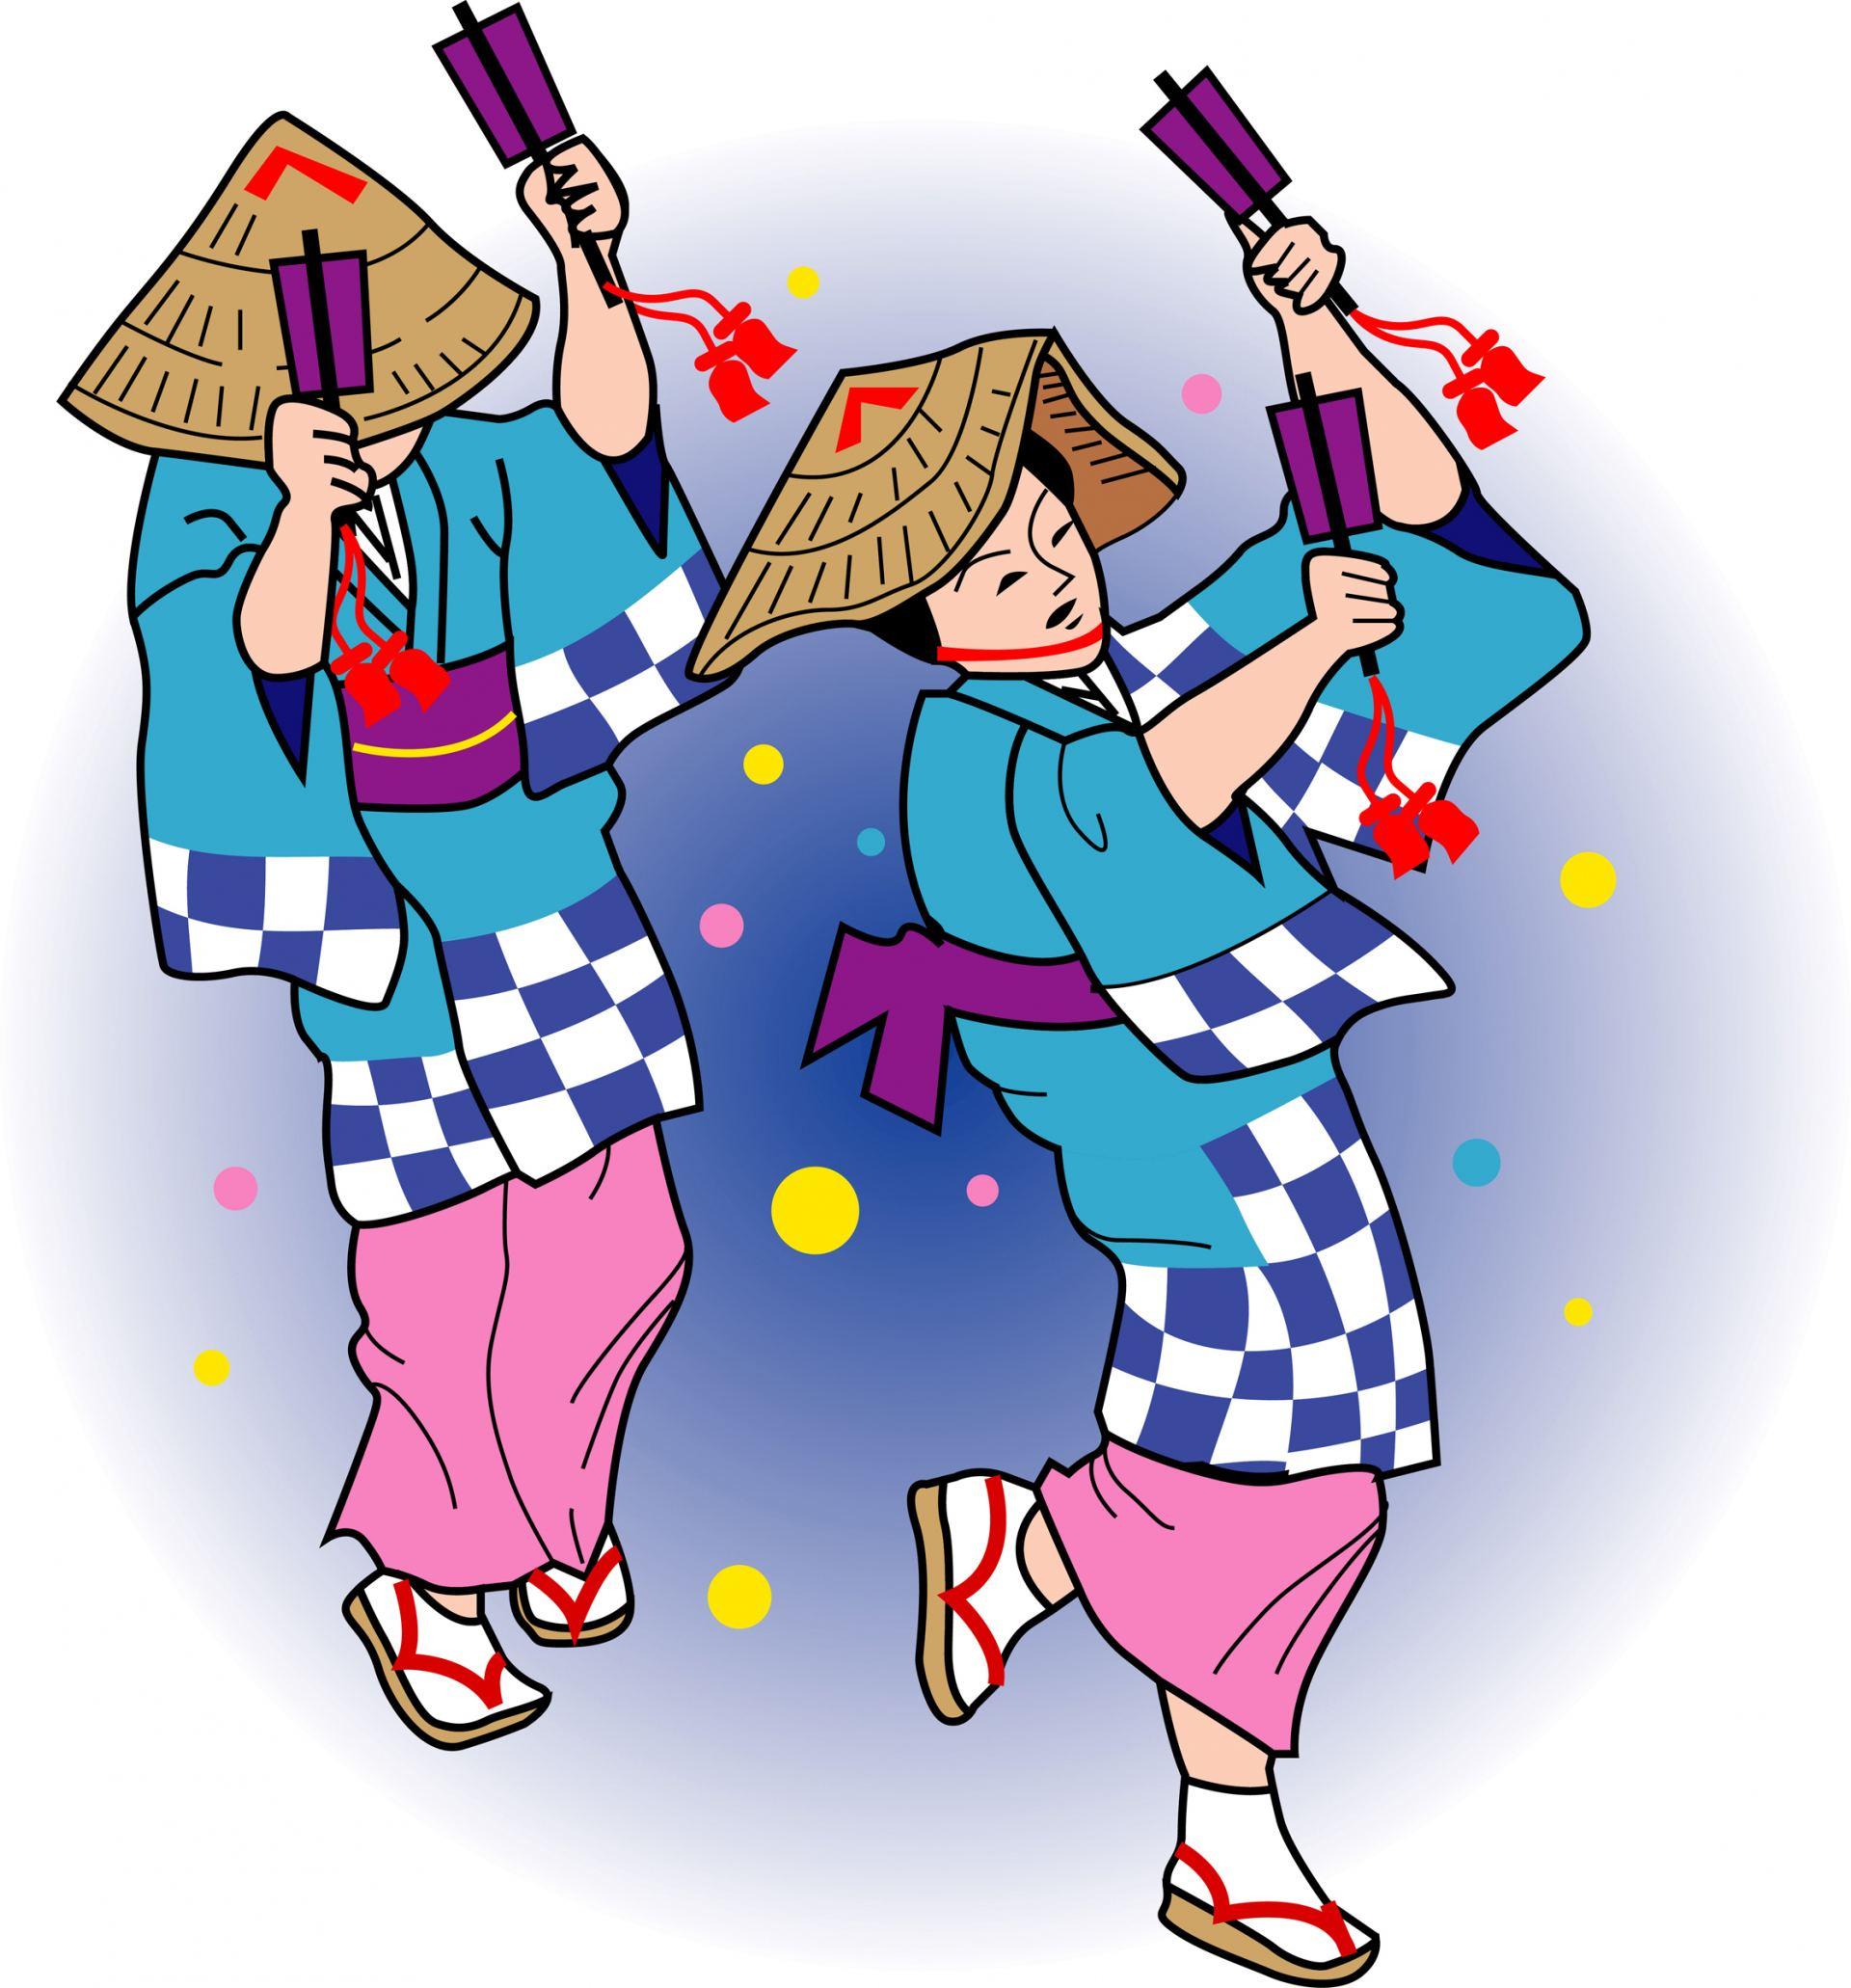 發祥於高知縣夜來祭的YOSAKOI